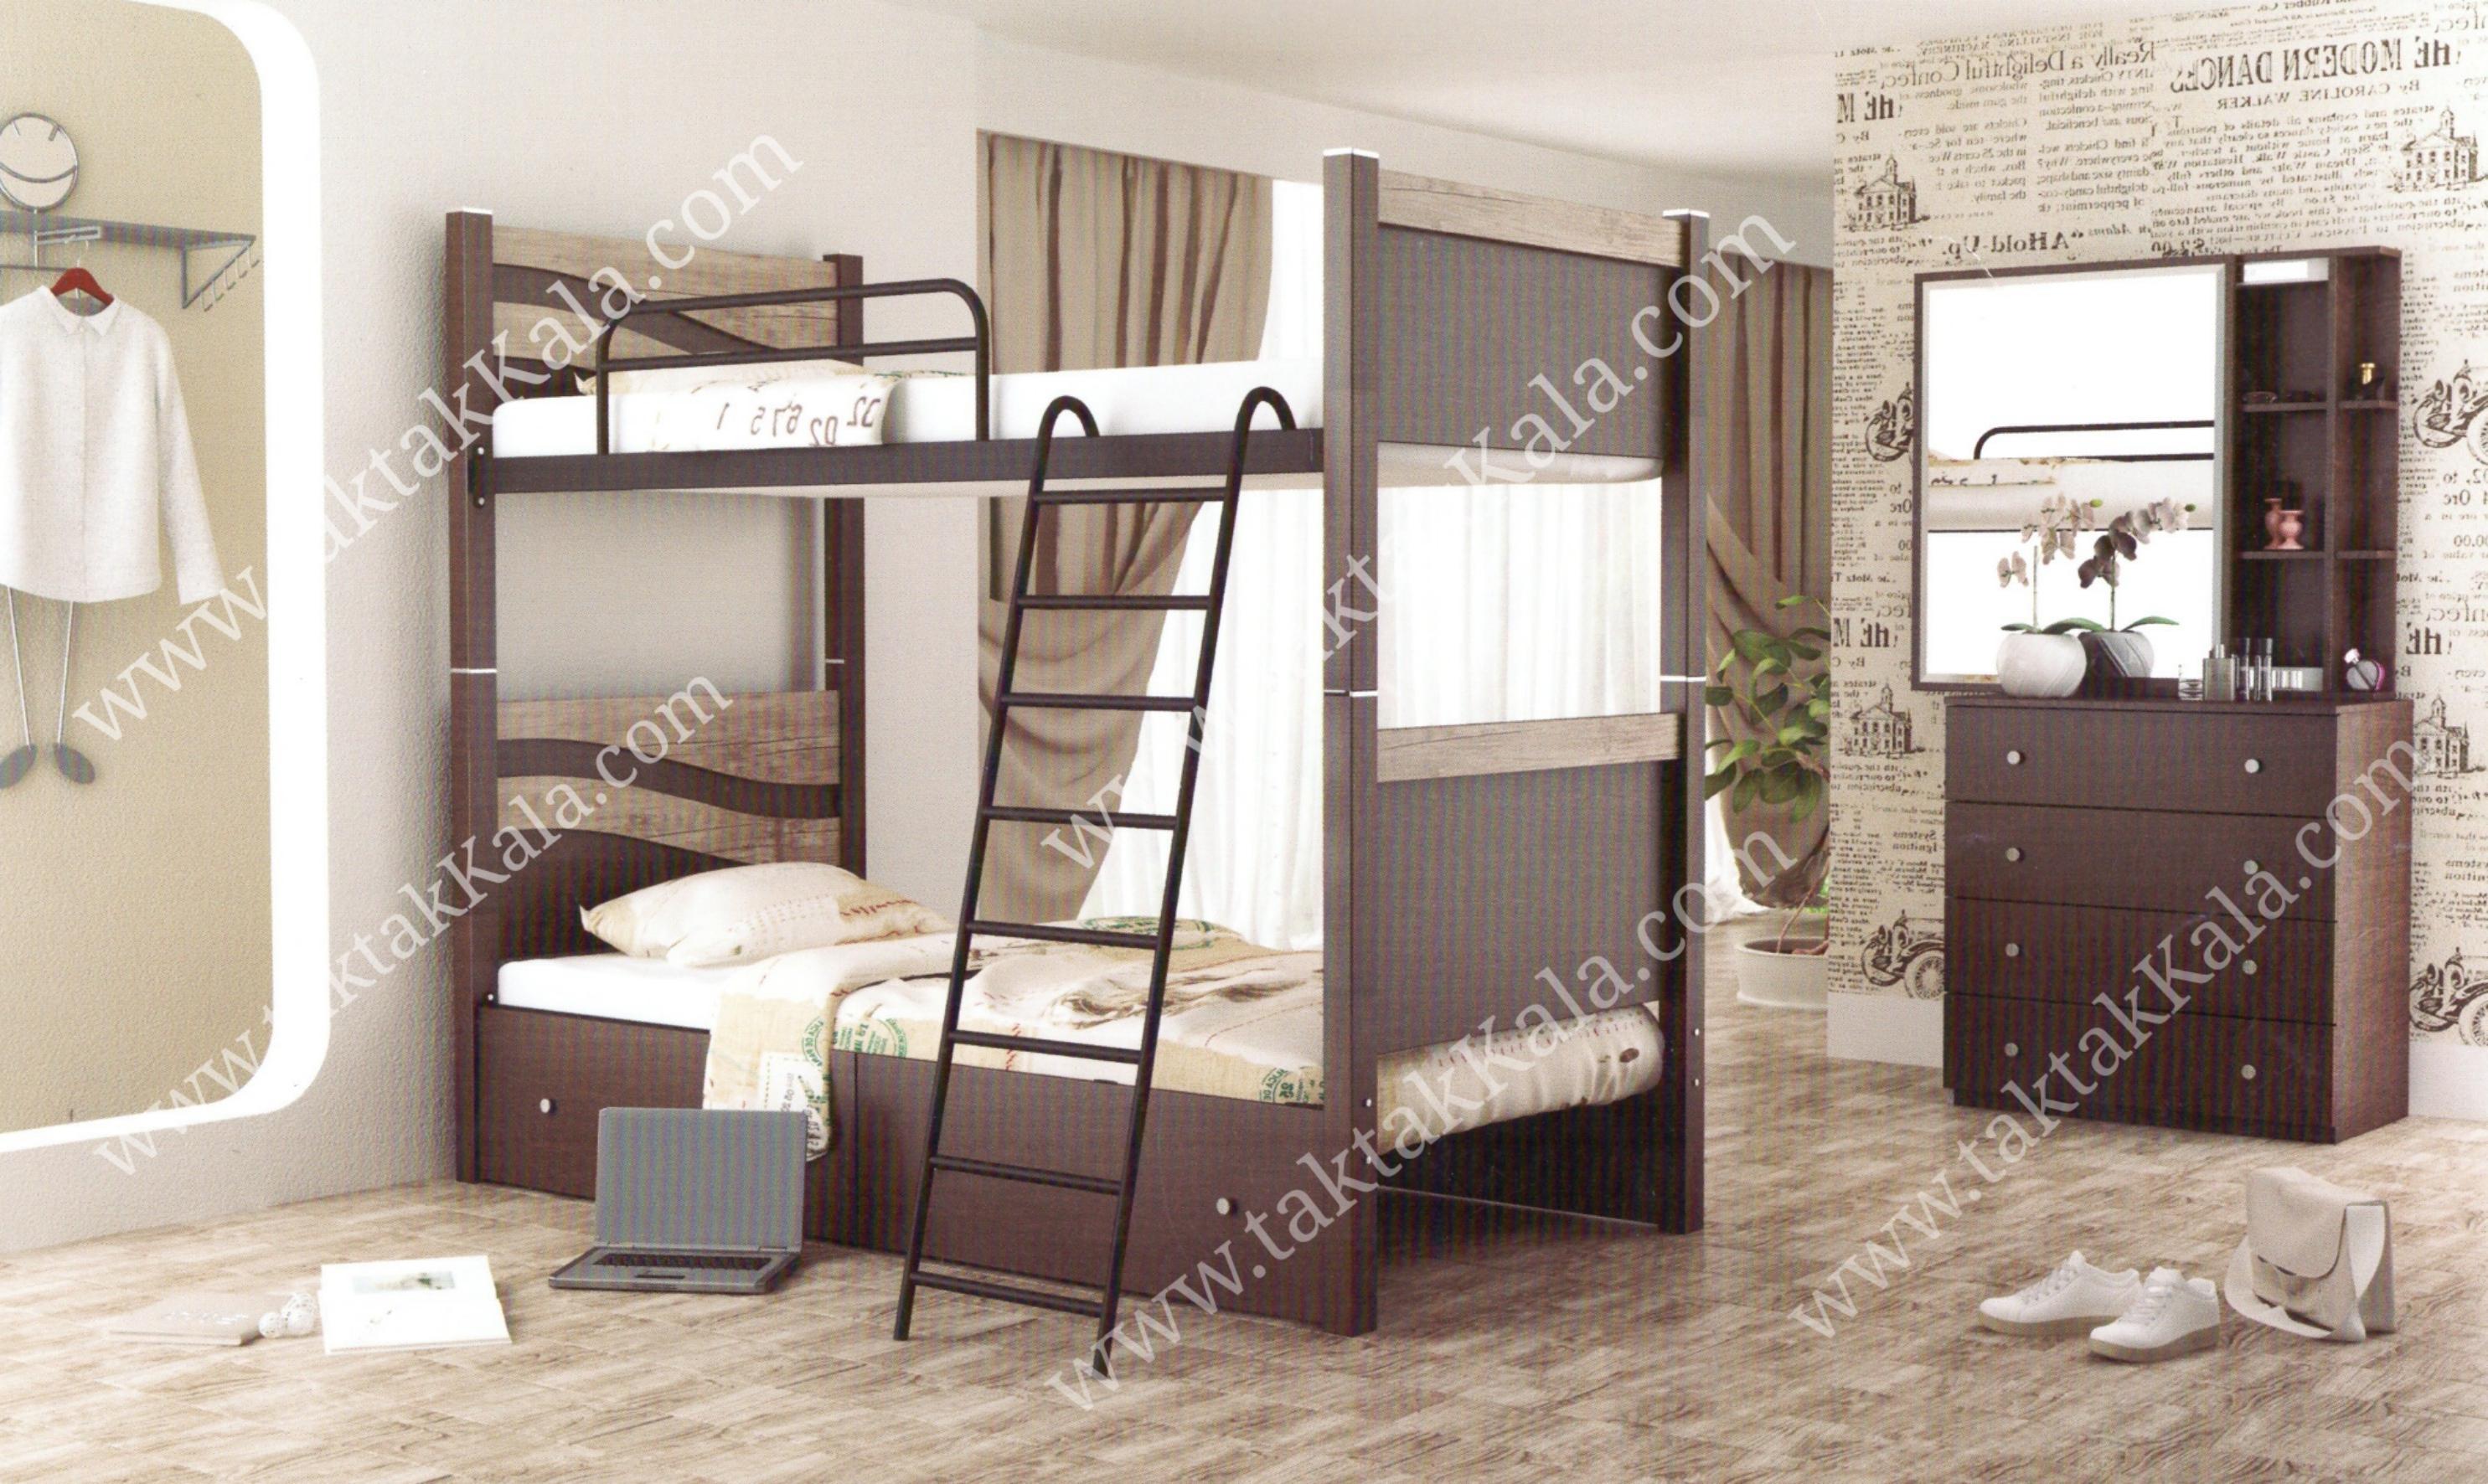 تخت خواب دو طبقه مدل موج